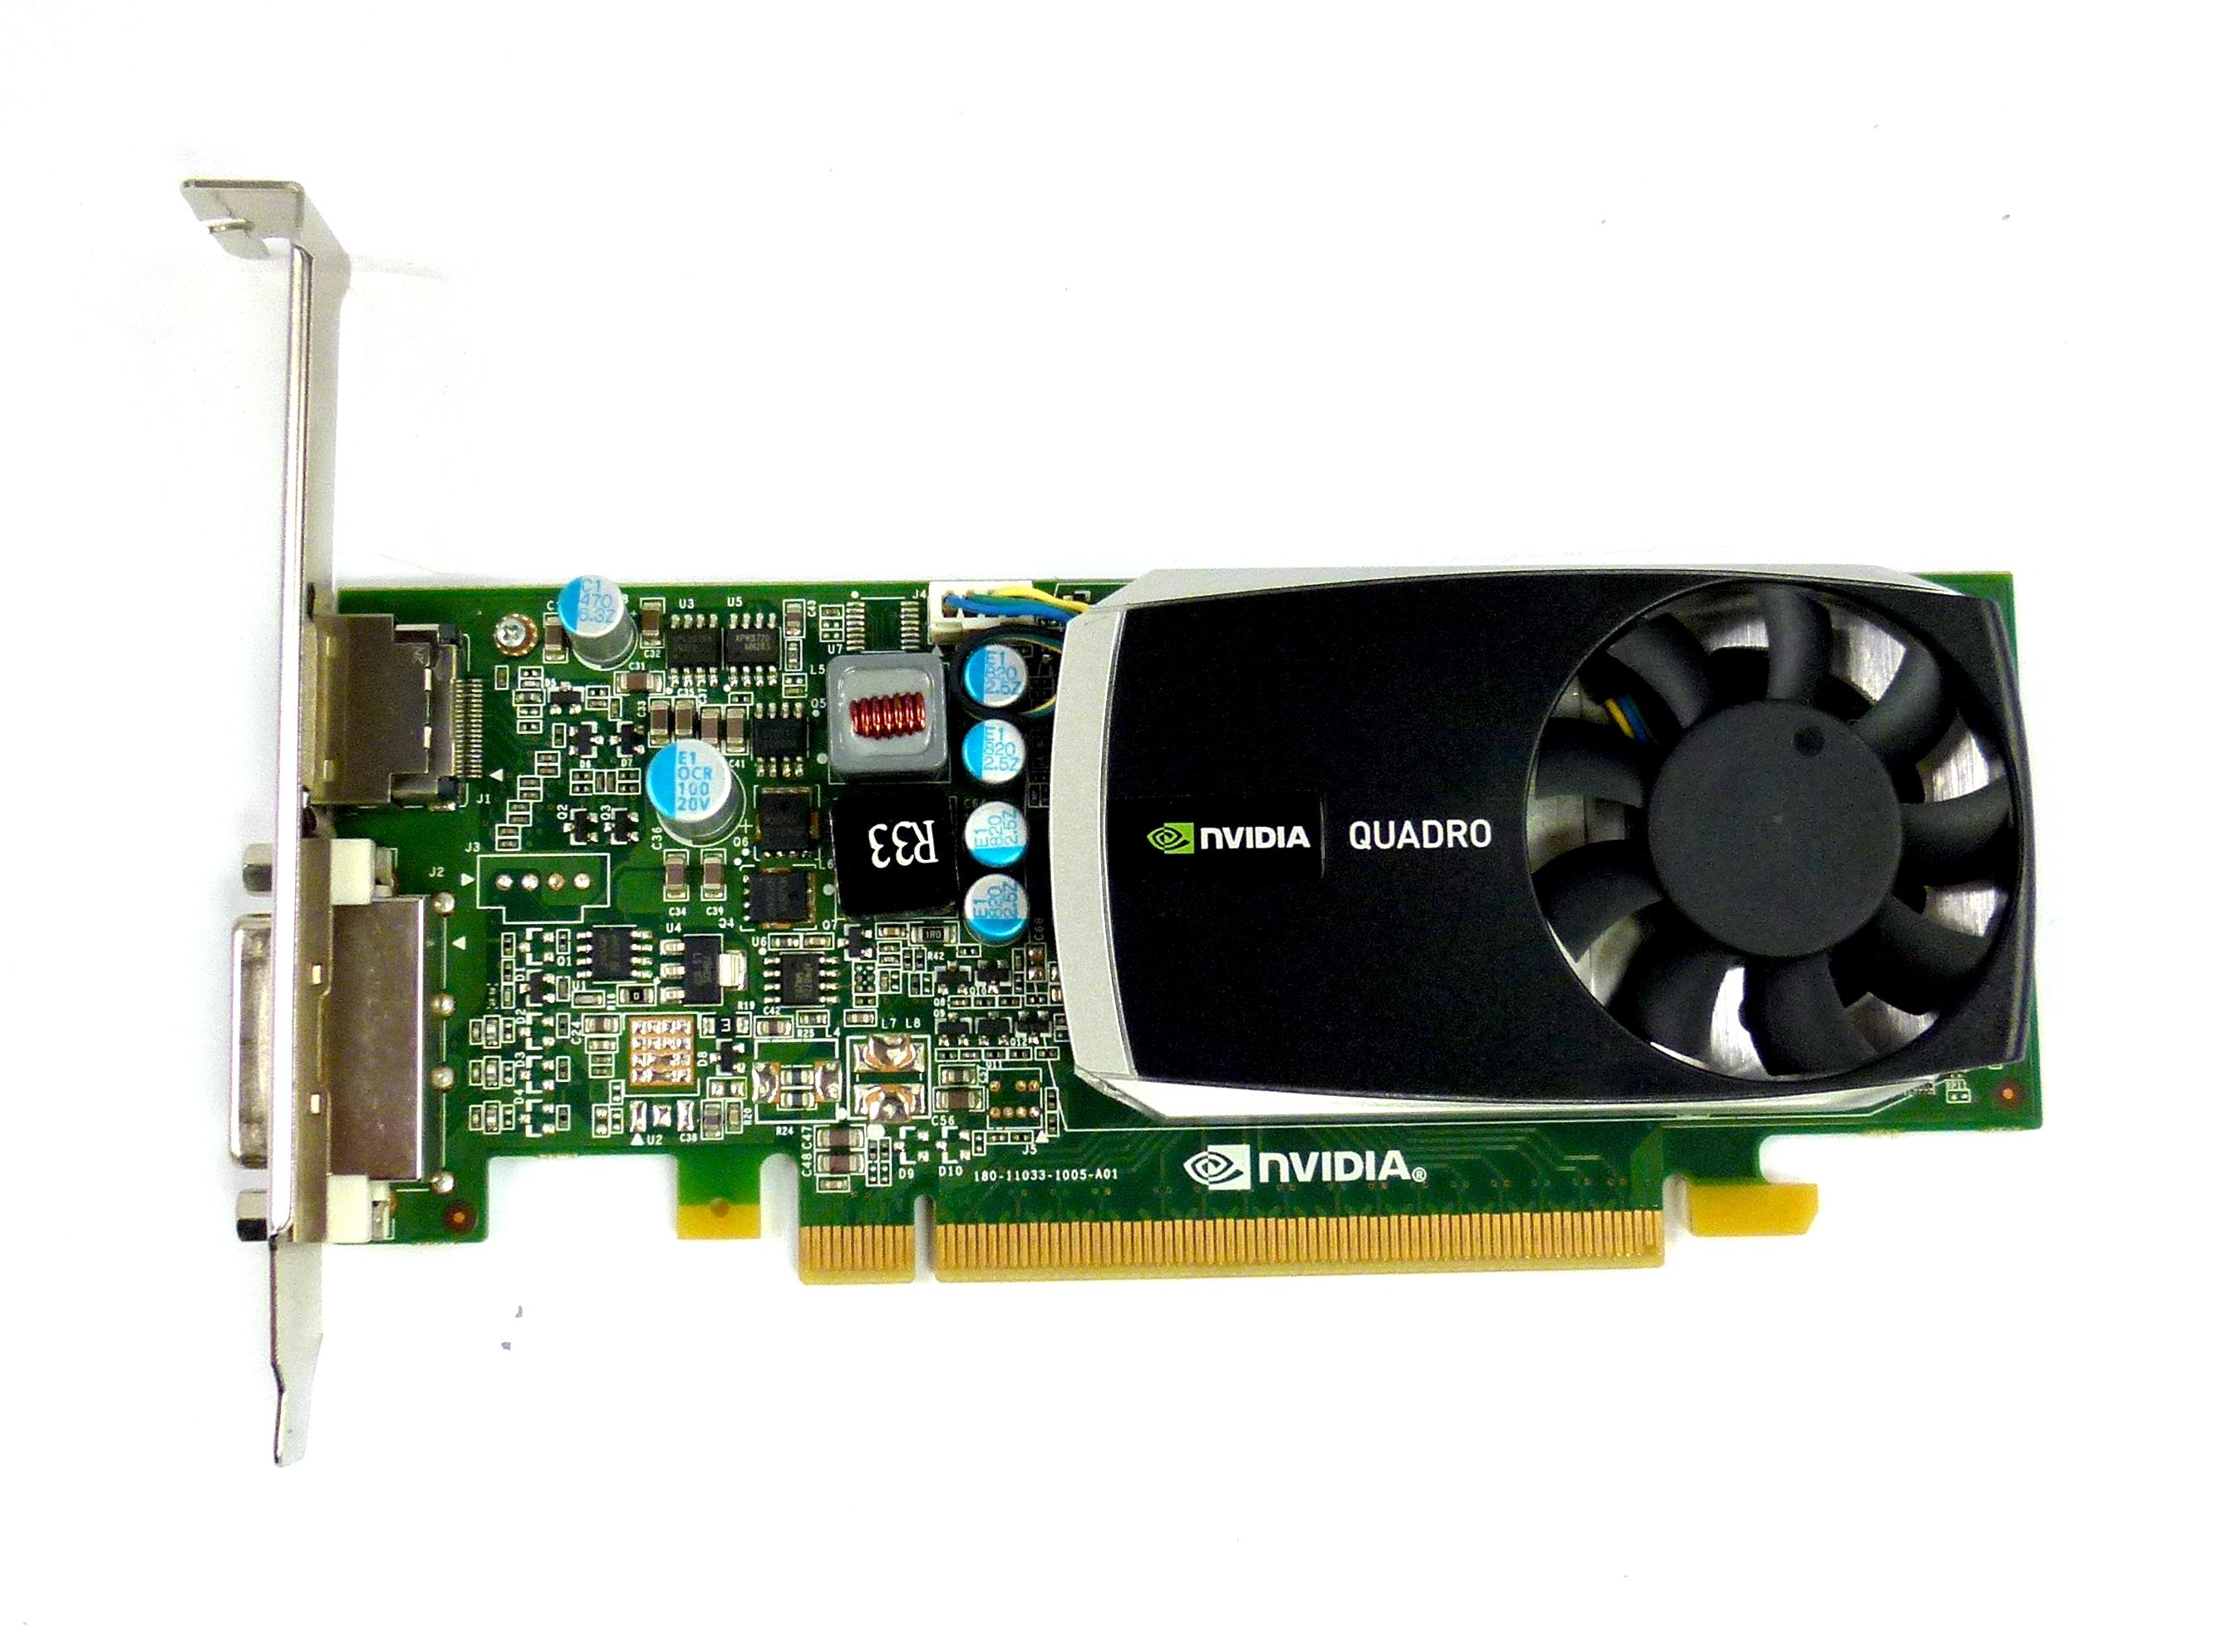 PNY VCQ600-T nVidia Quadro 600 DP/DVI 1GB DDR3 PCI-E Graphics Card